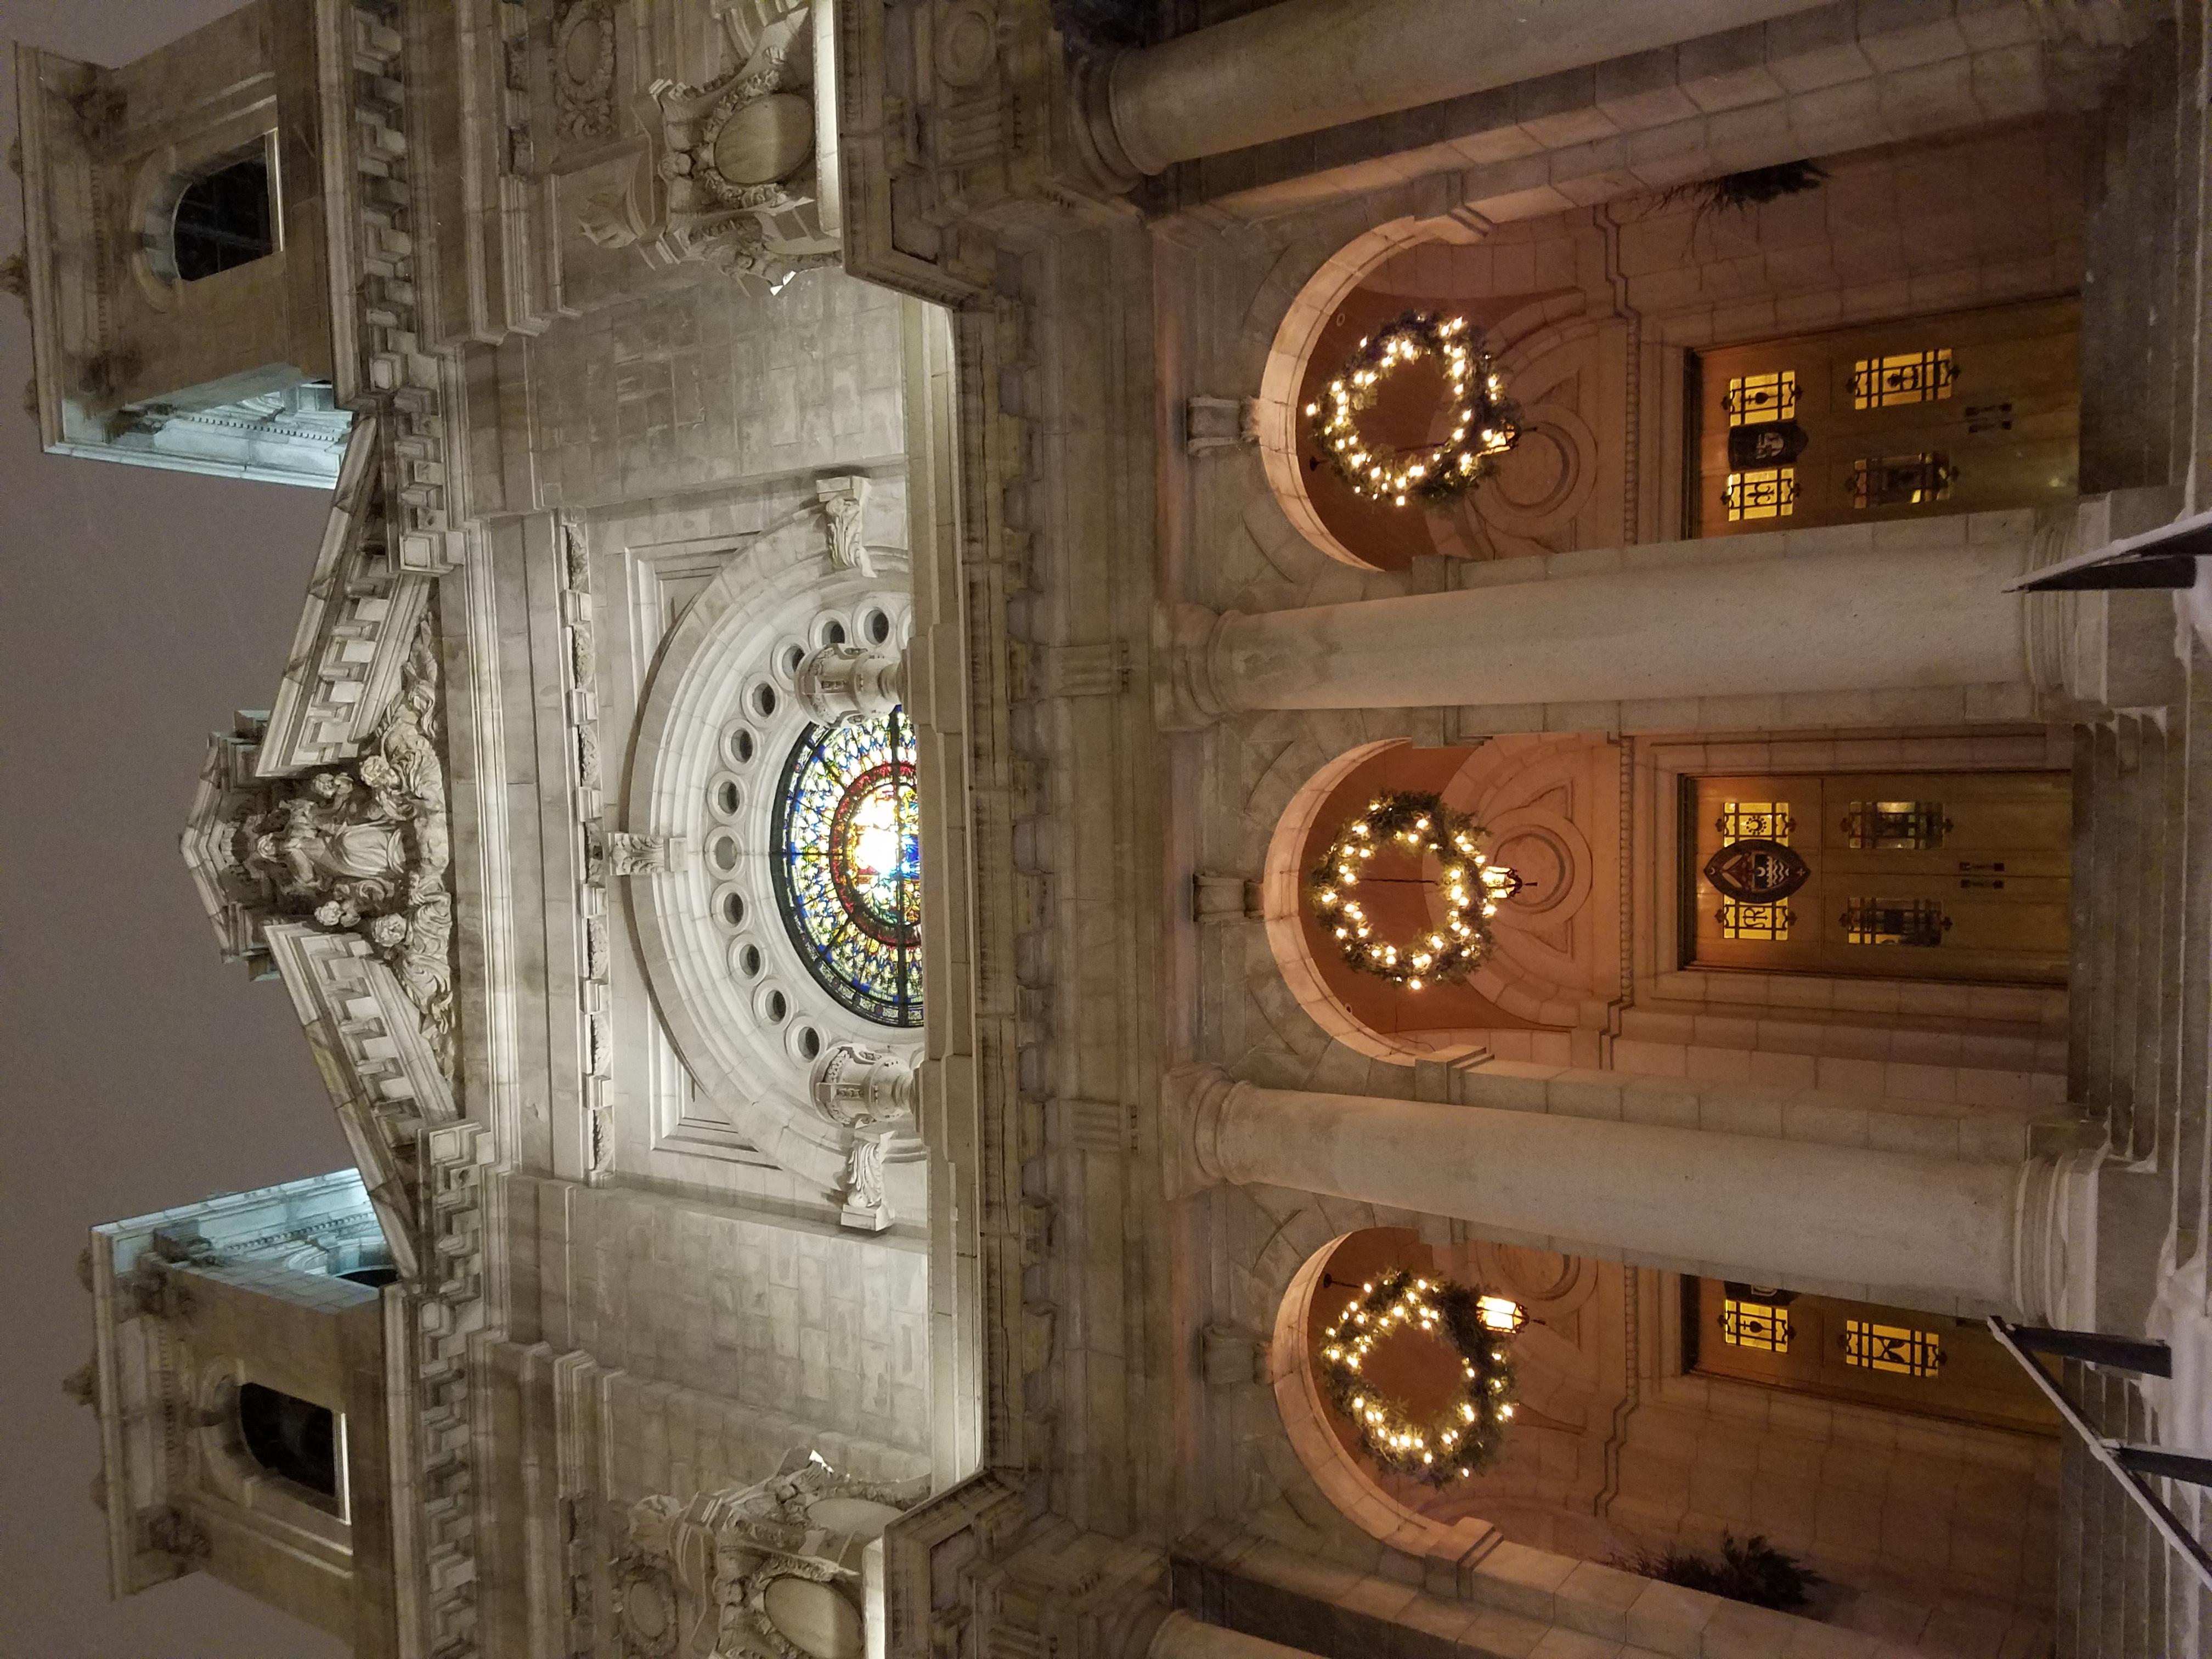 basilica-of-saint-mary-238.jpg